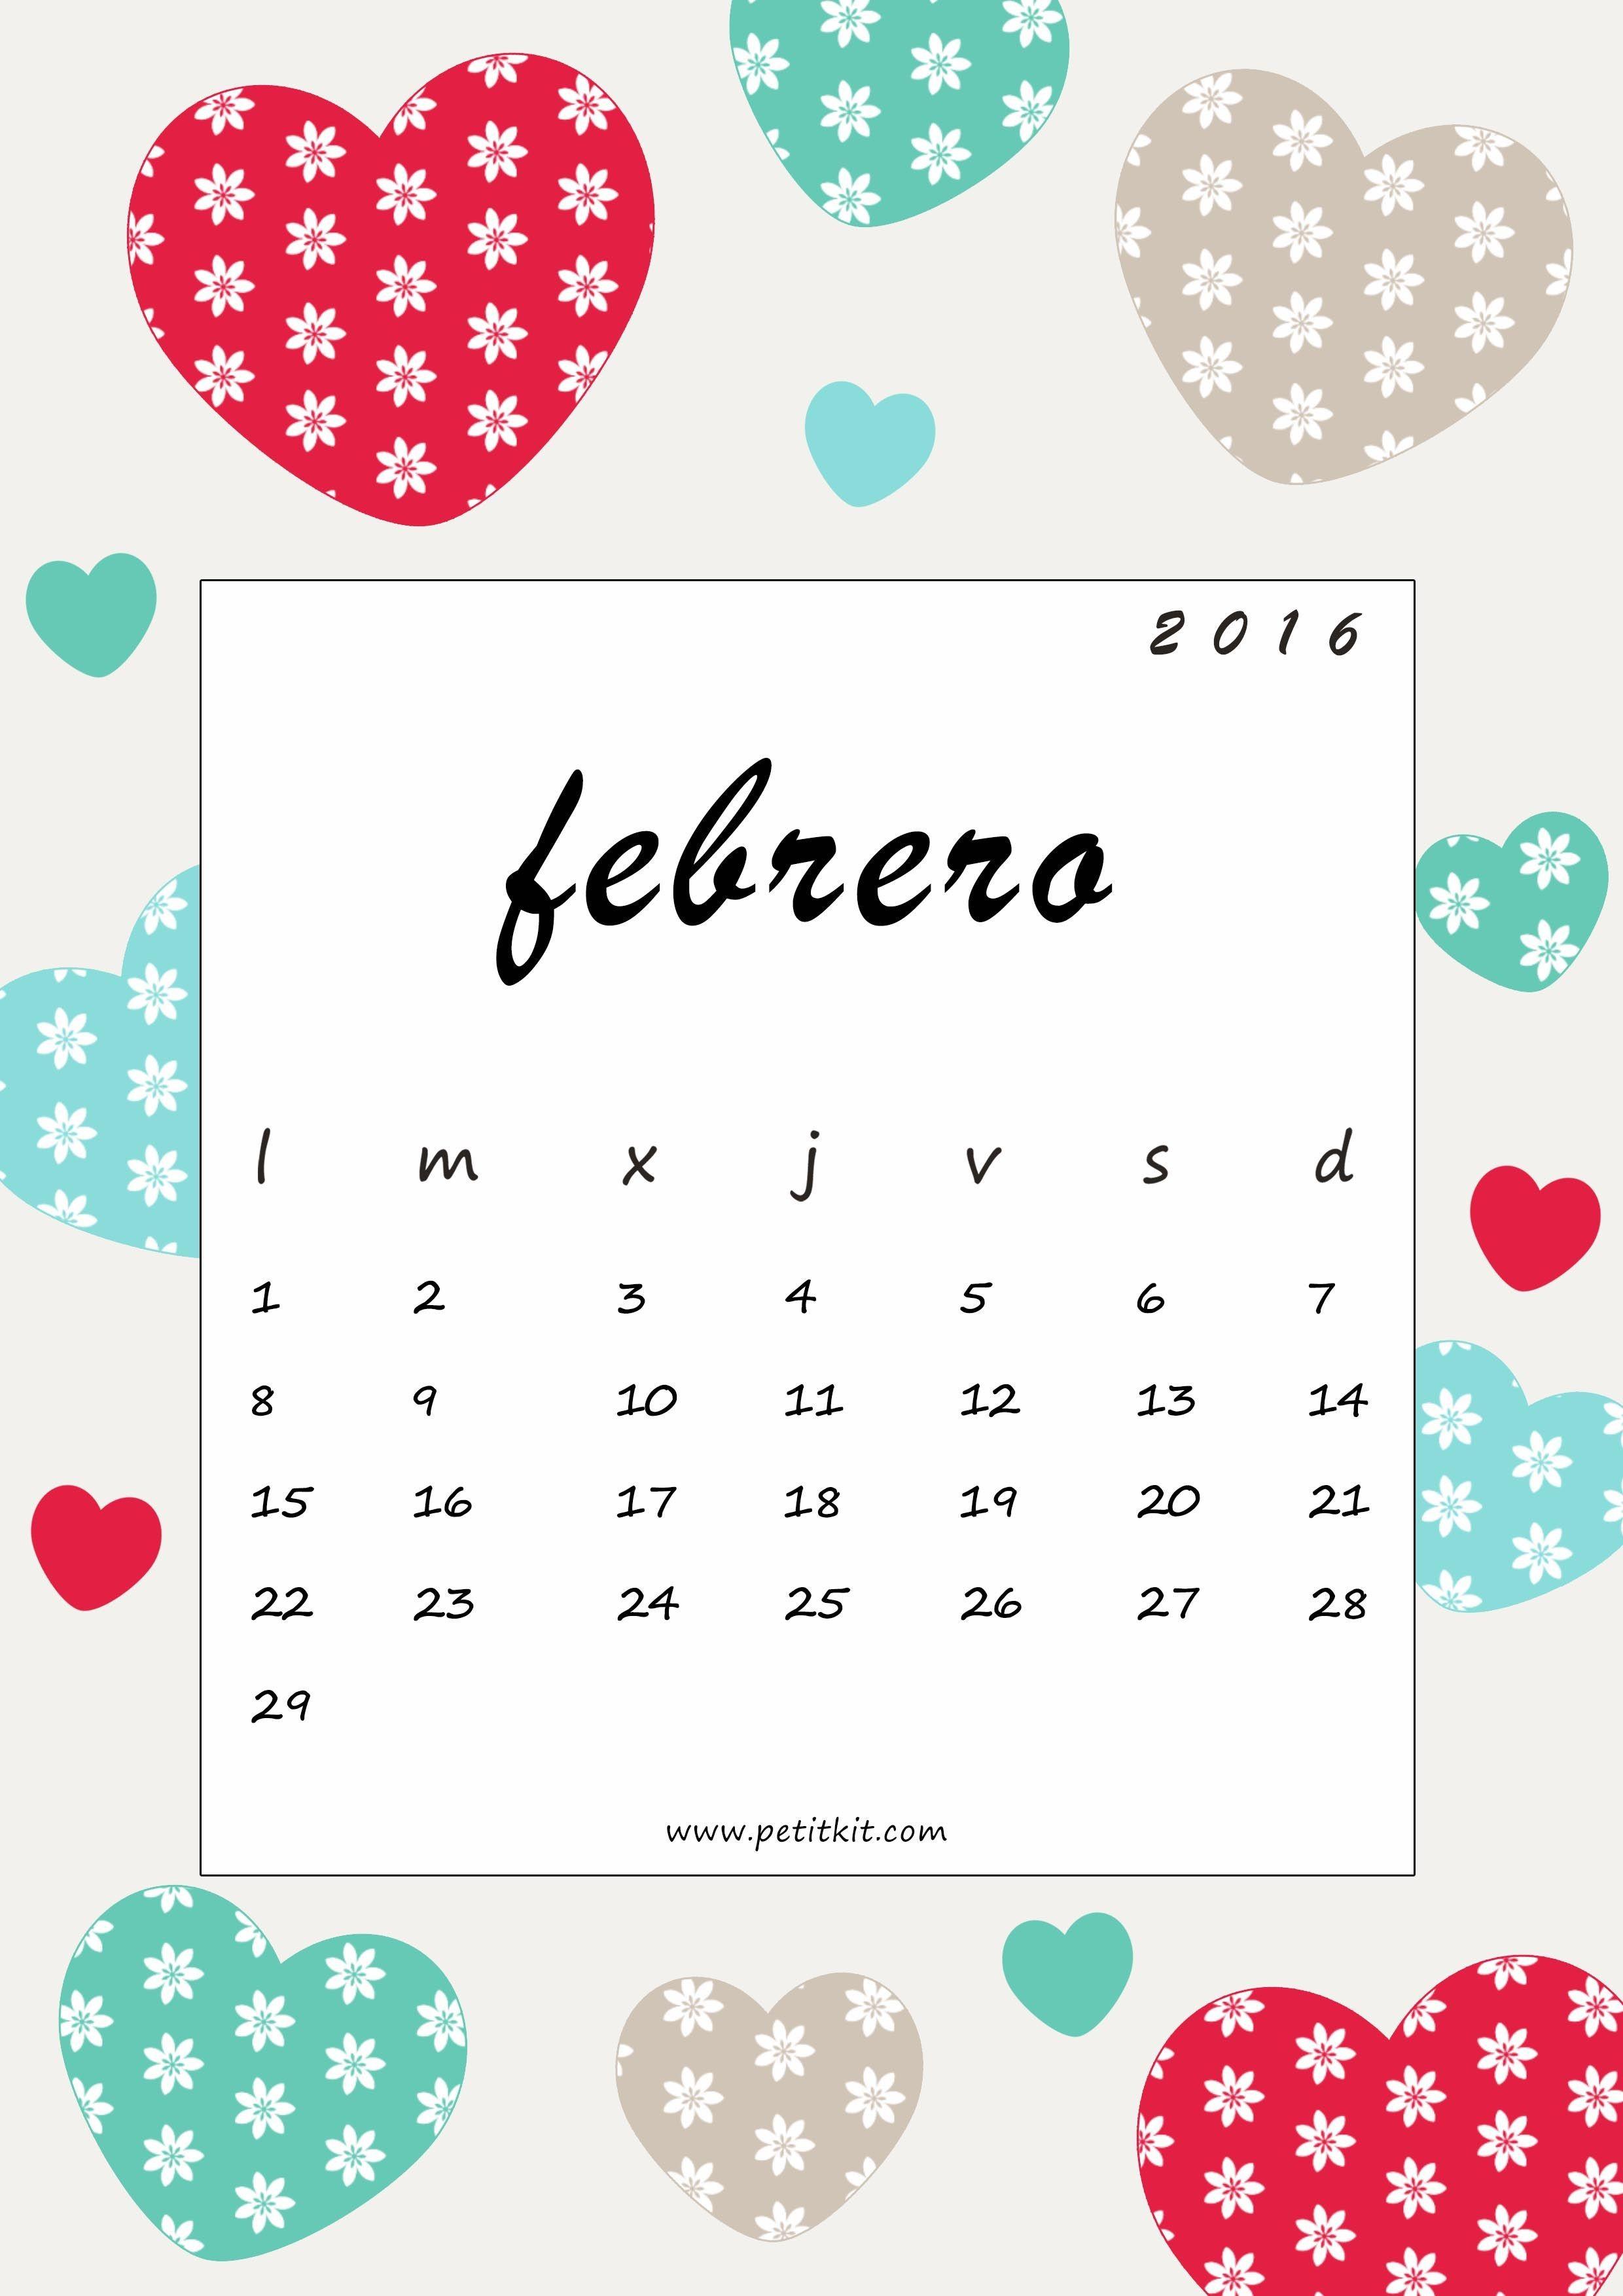 Calendario 2019 Feriados Rondonia Más Recientes Calendario Febrero 2016 Imprimible Y Fondo De Pantalla Gratis Of Calendario 2019 Feriados Rondonia Más Actual Junho 2018